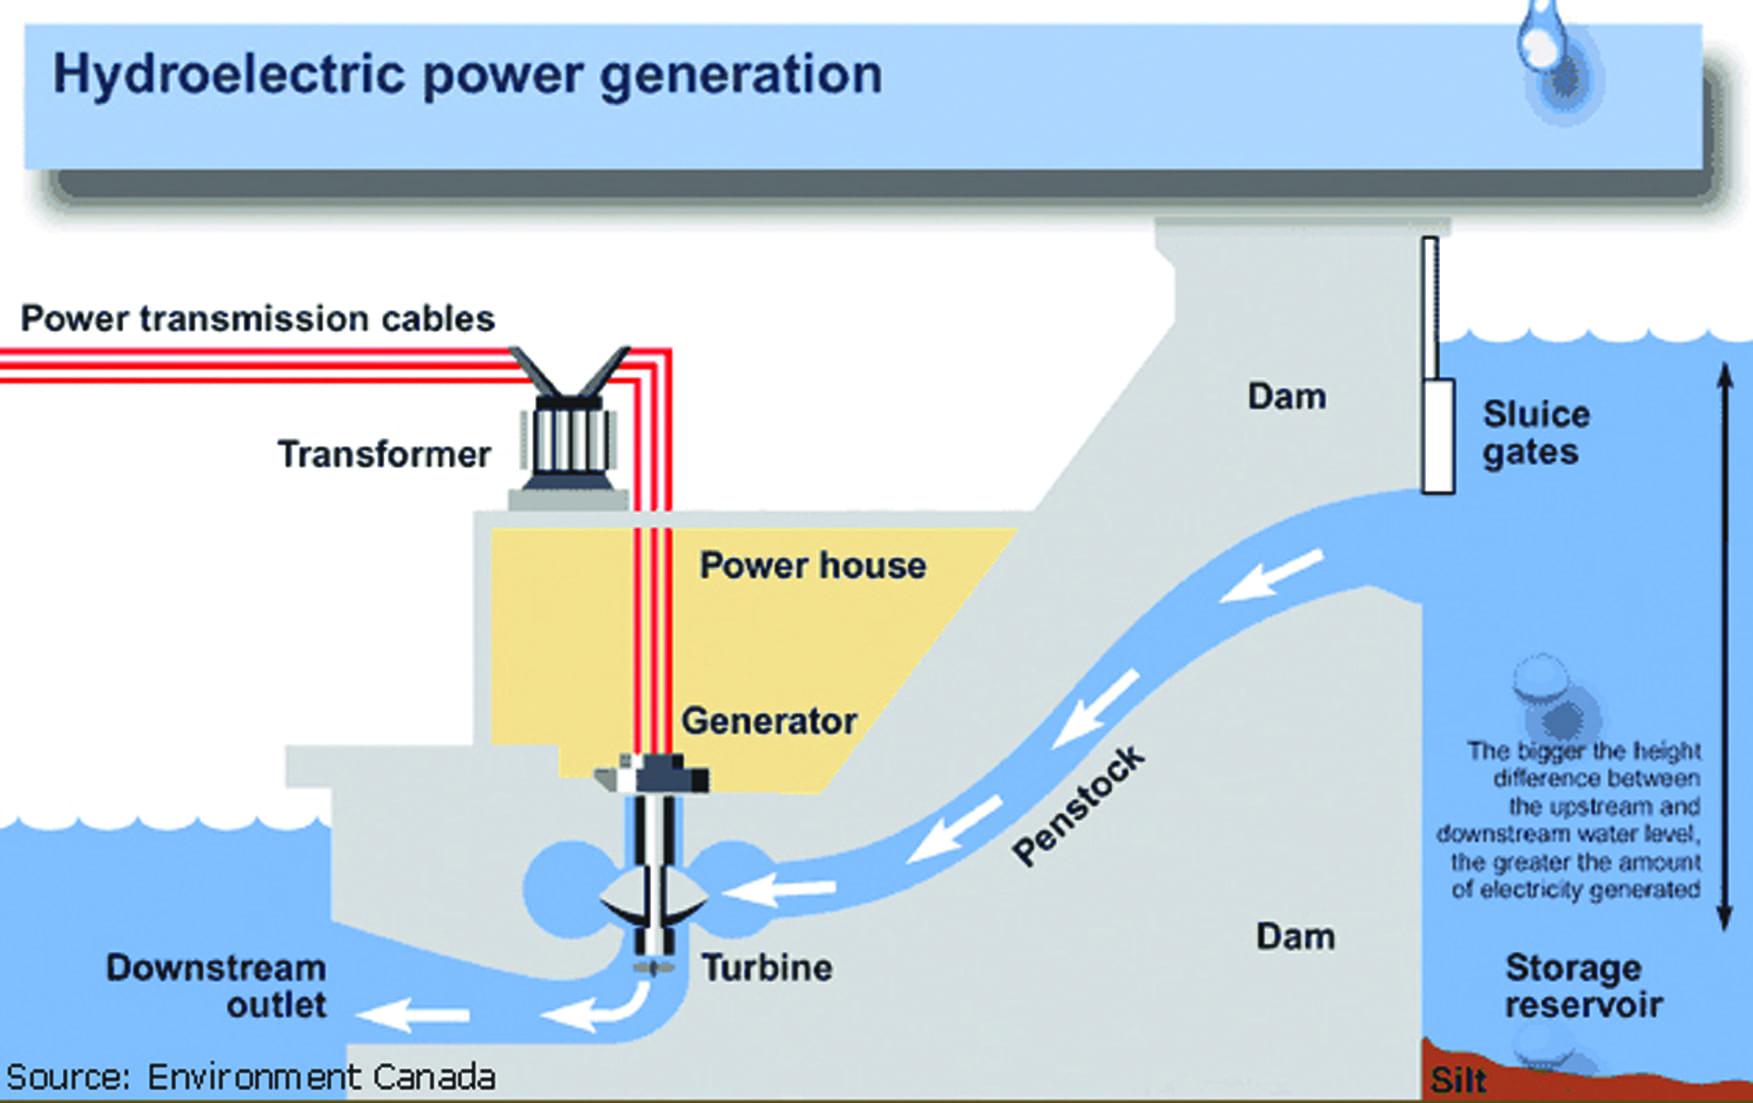 Năng lượng hóa học, năng lượng điện, và năng lượng hạt nhân là gì? - 2